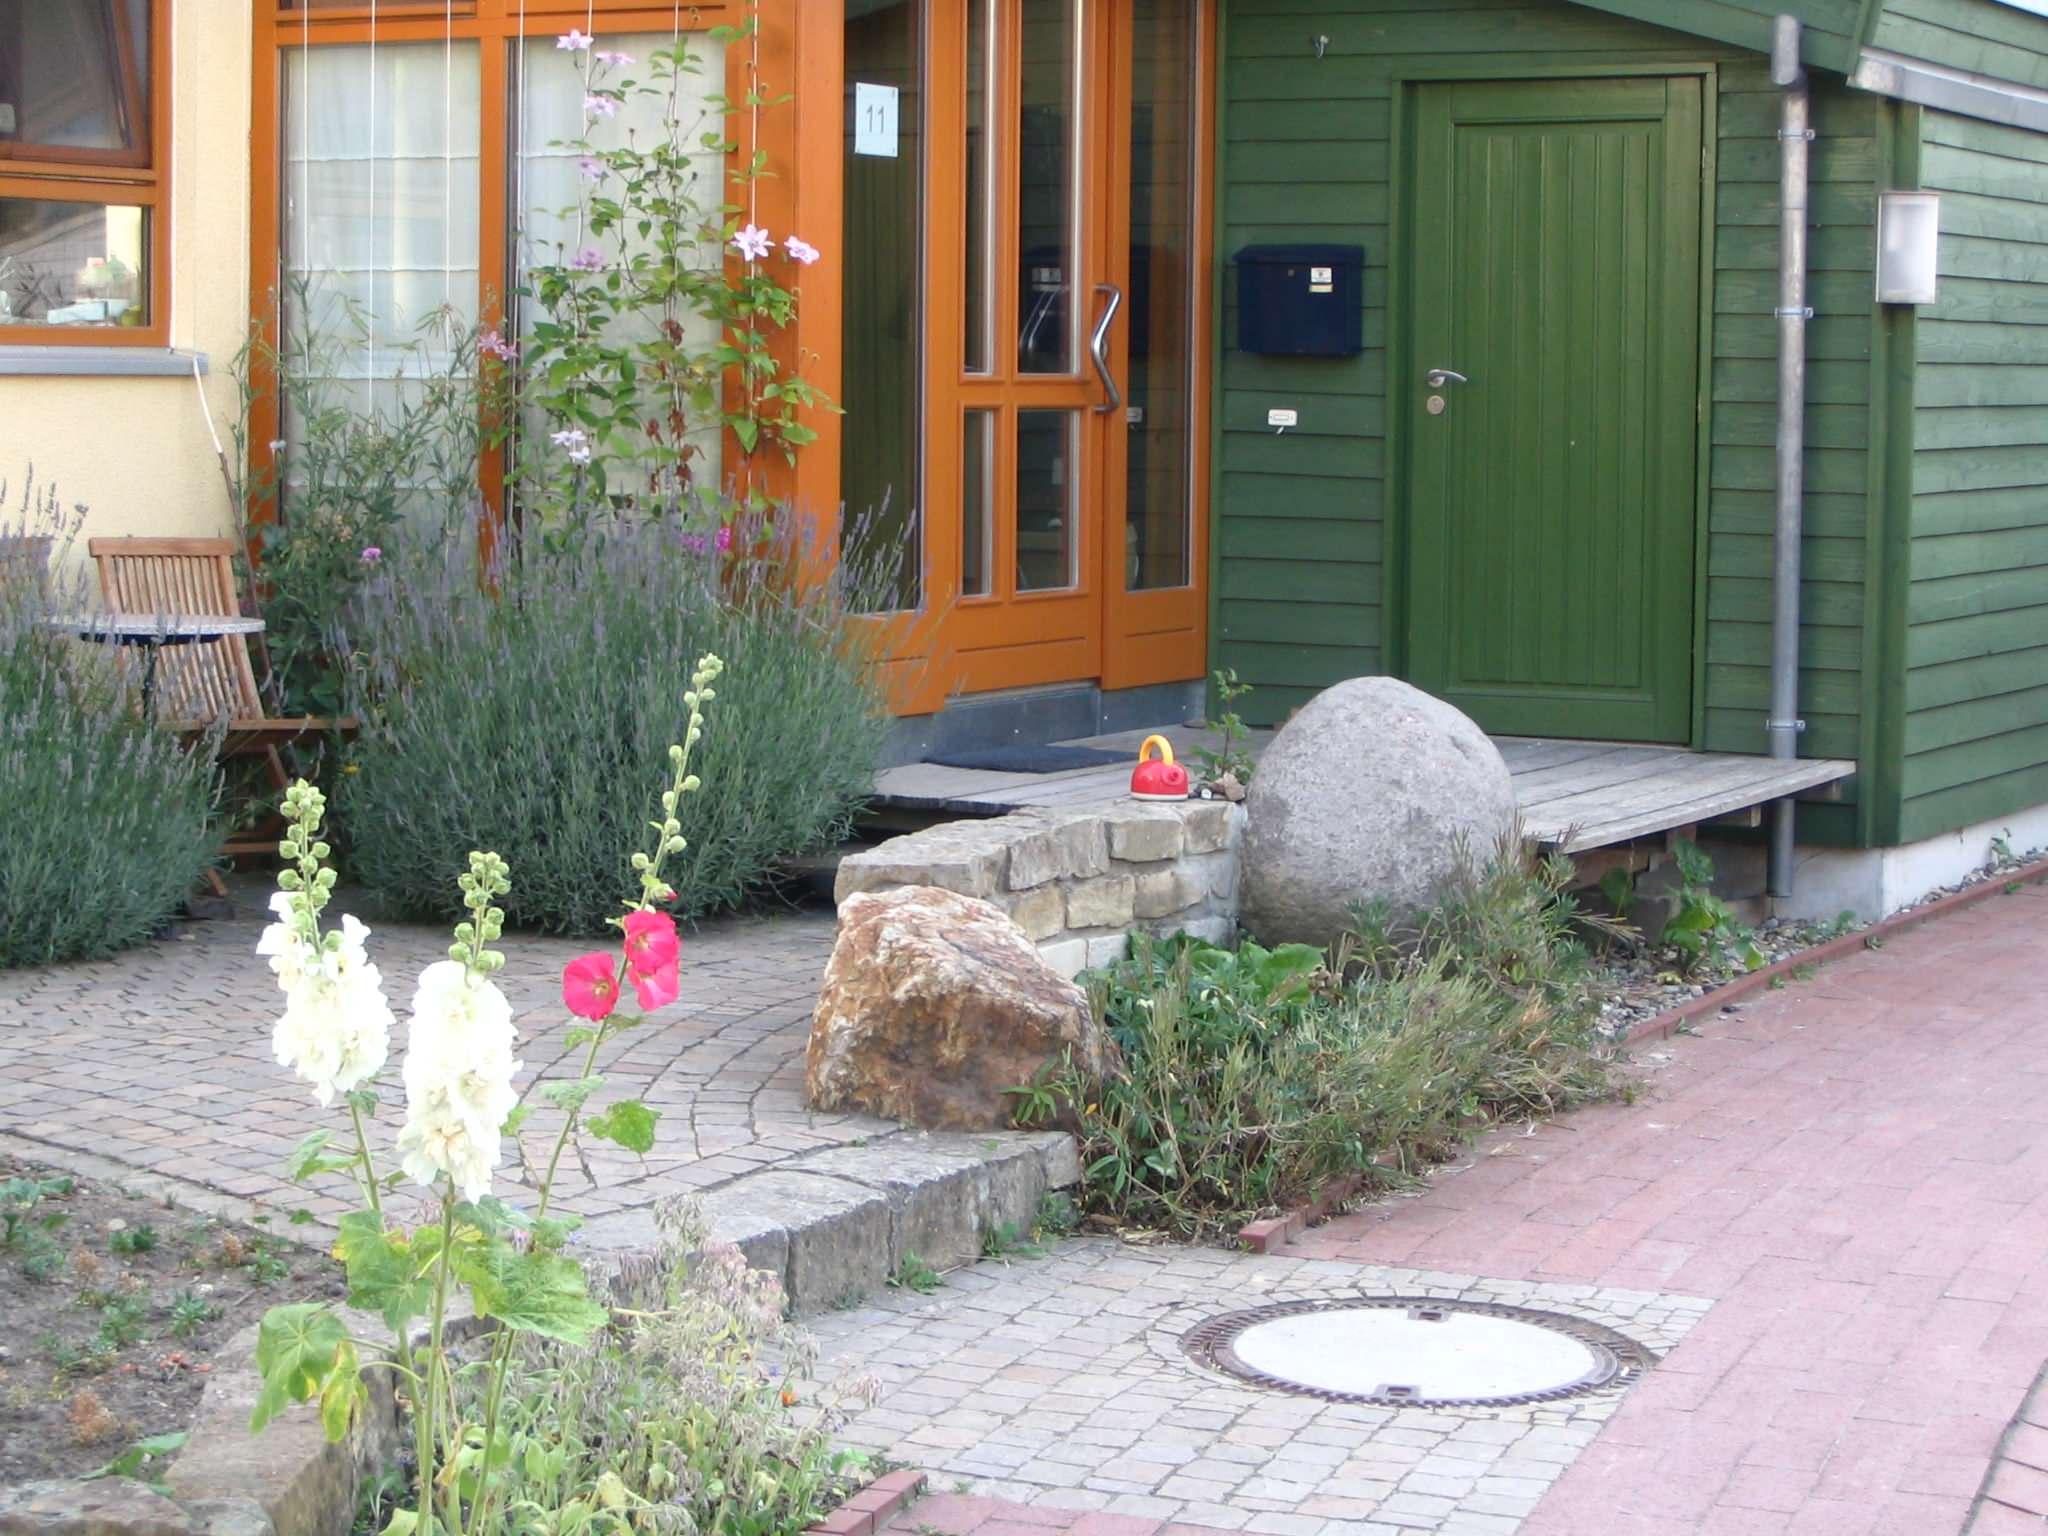 Beispiel eines kleines Vorgartens